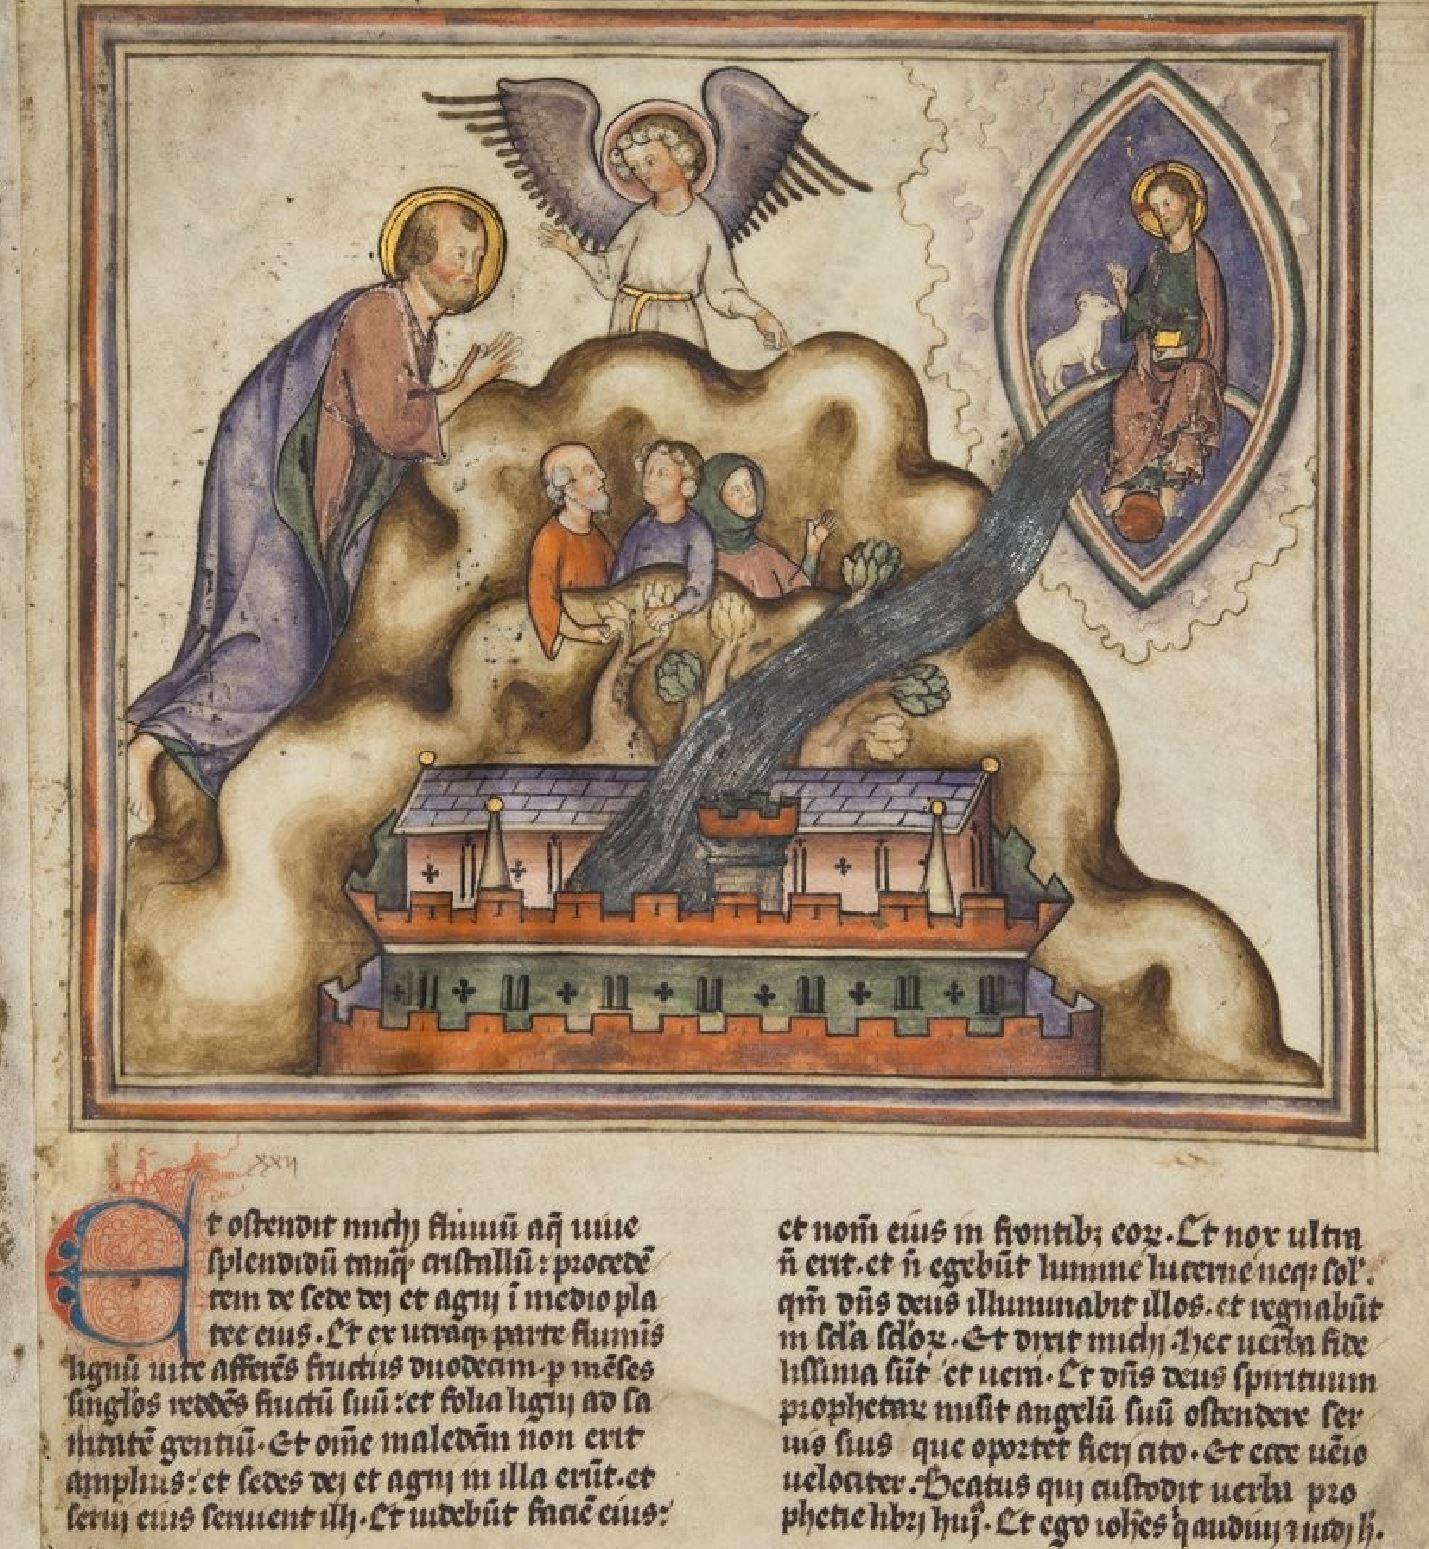 1275-1300 BNF Latin 14410 BNF Lat 14410 fol 80